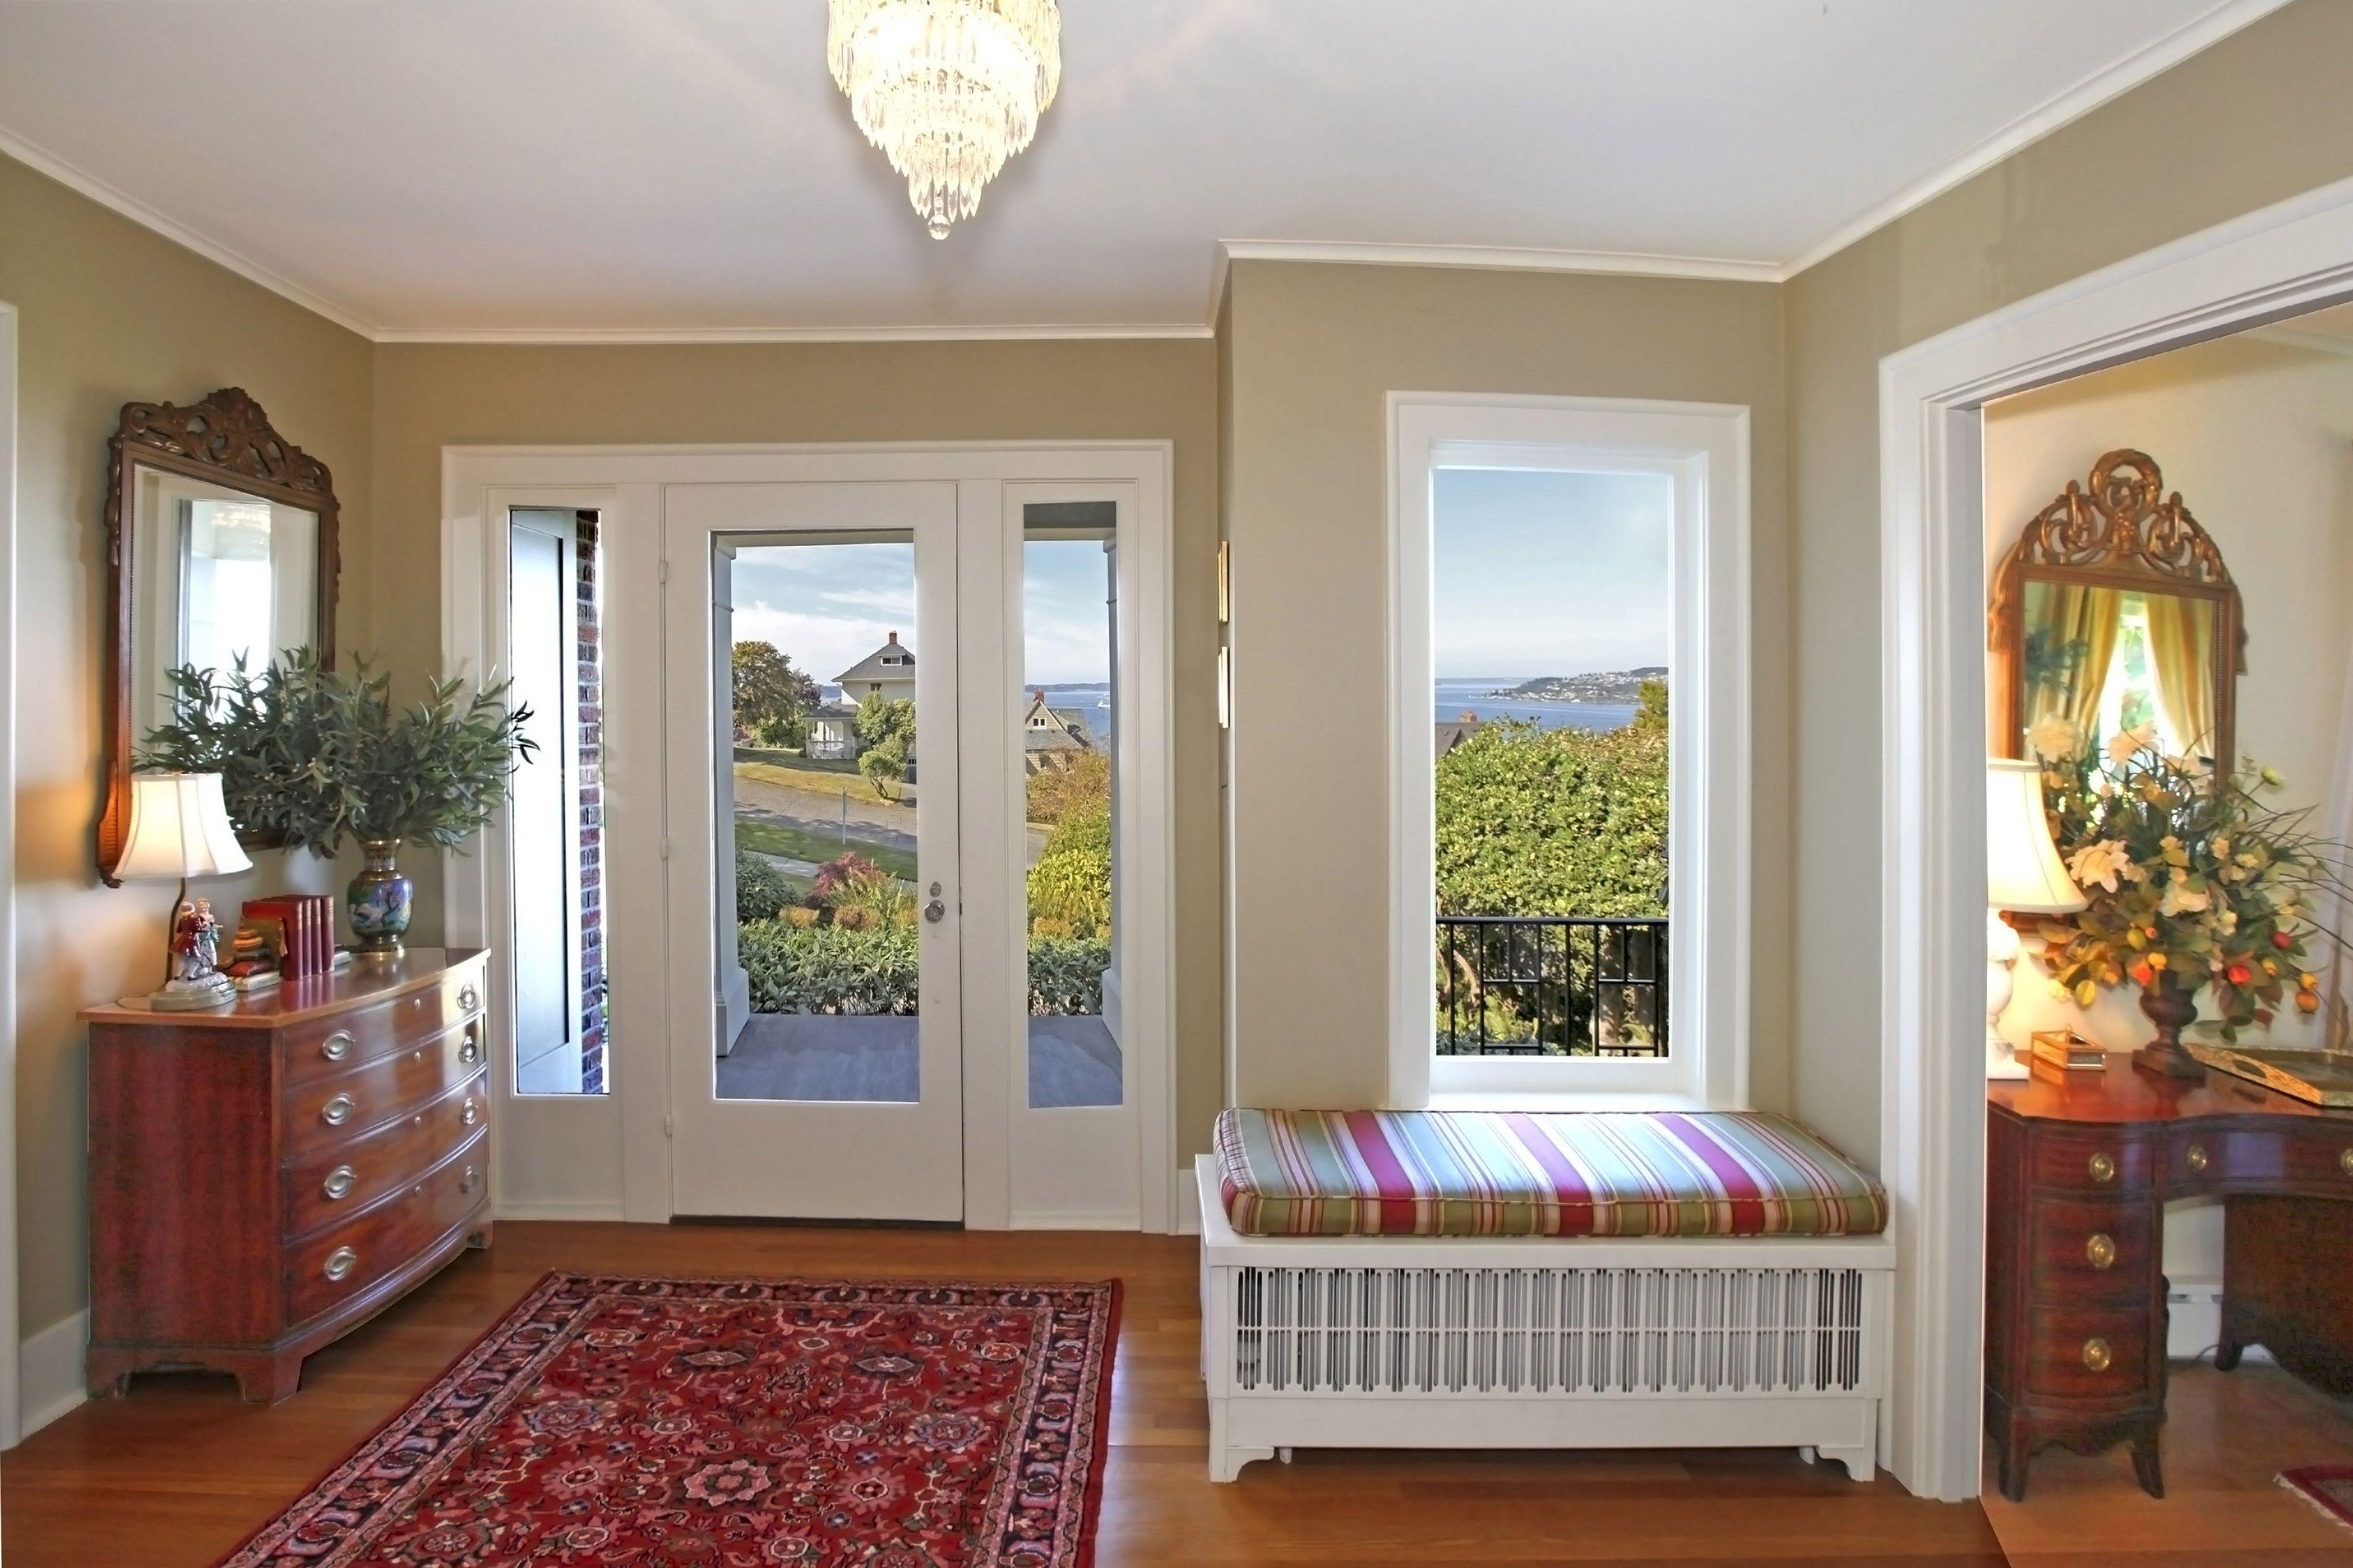 Best esempio di ingresso arredato in stile classico with for Foto di case arredate